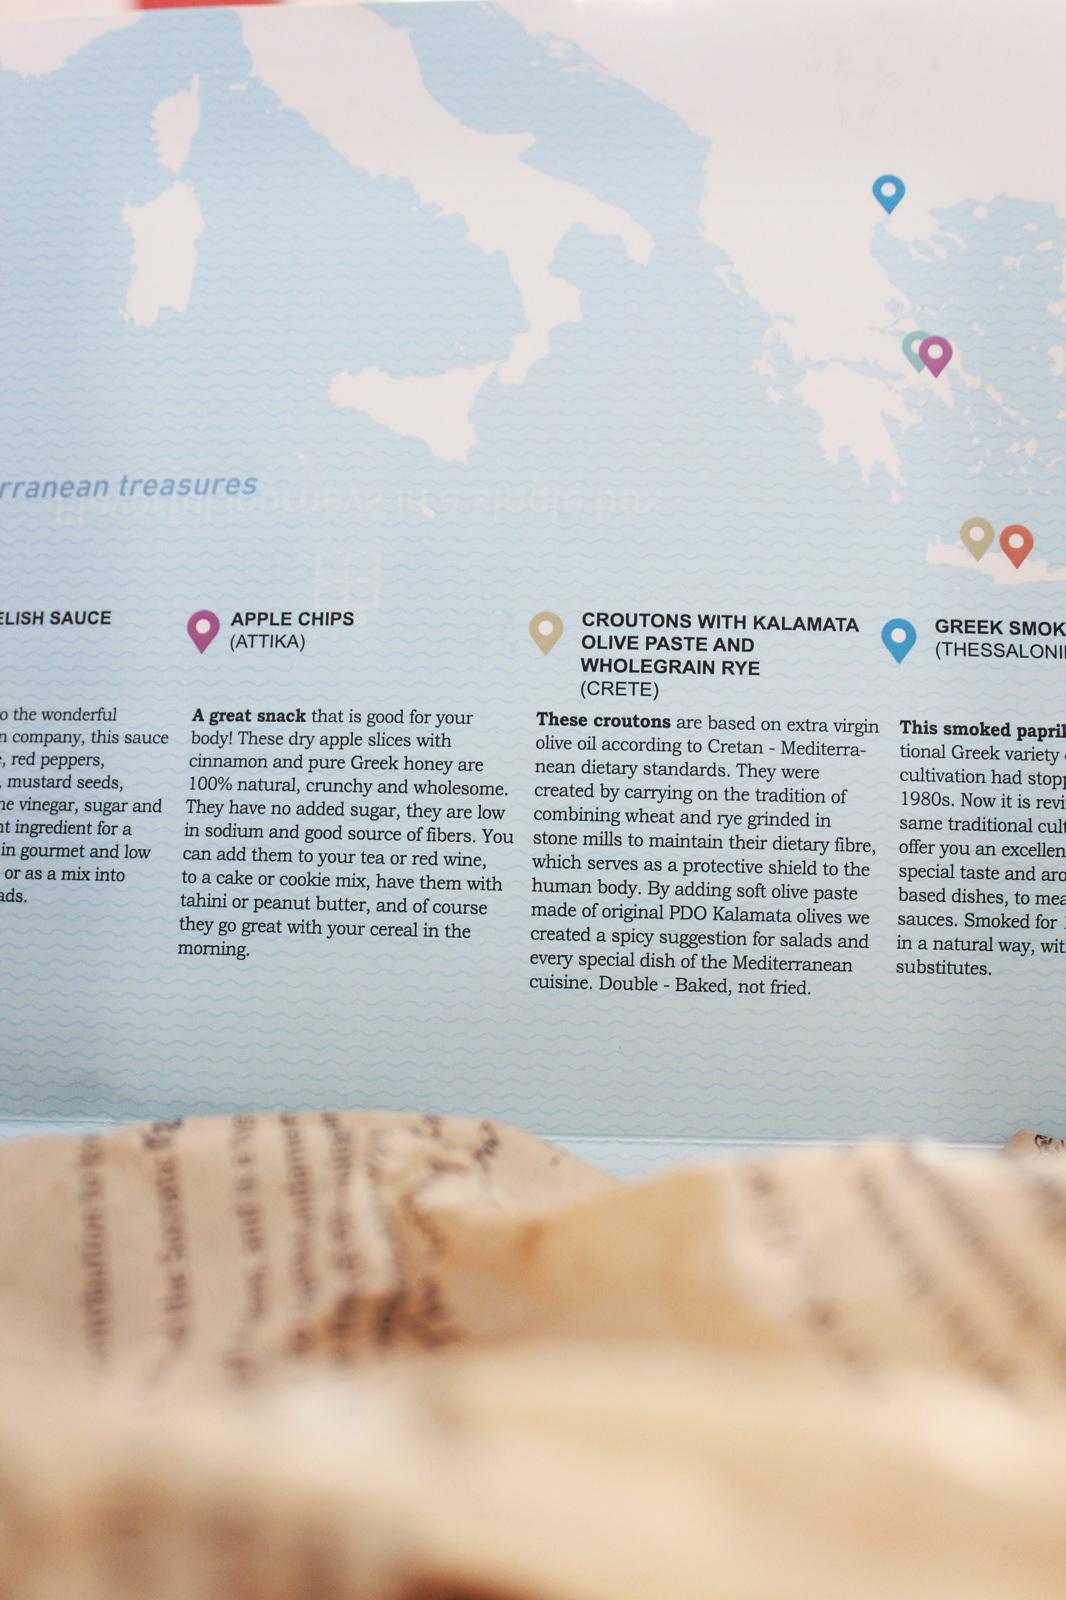 monthlyflavors-griechenland-003-landkarte-herkunft-verpackung